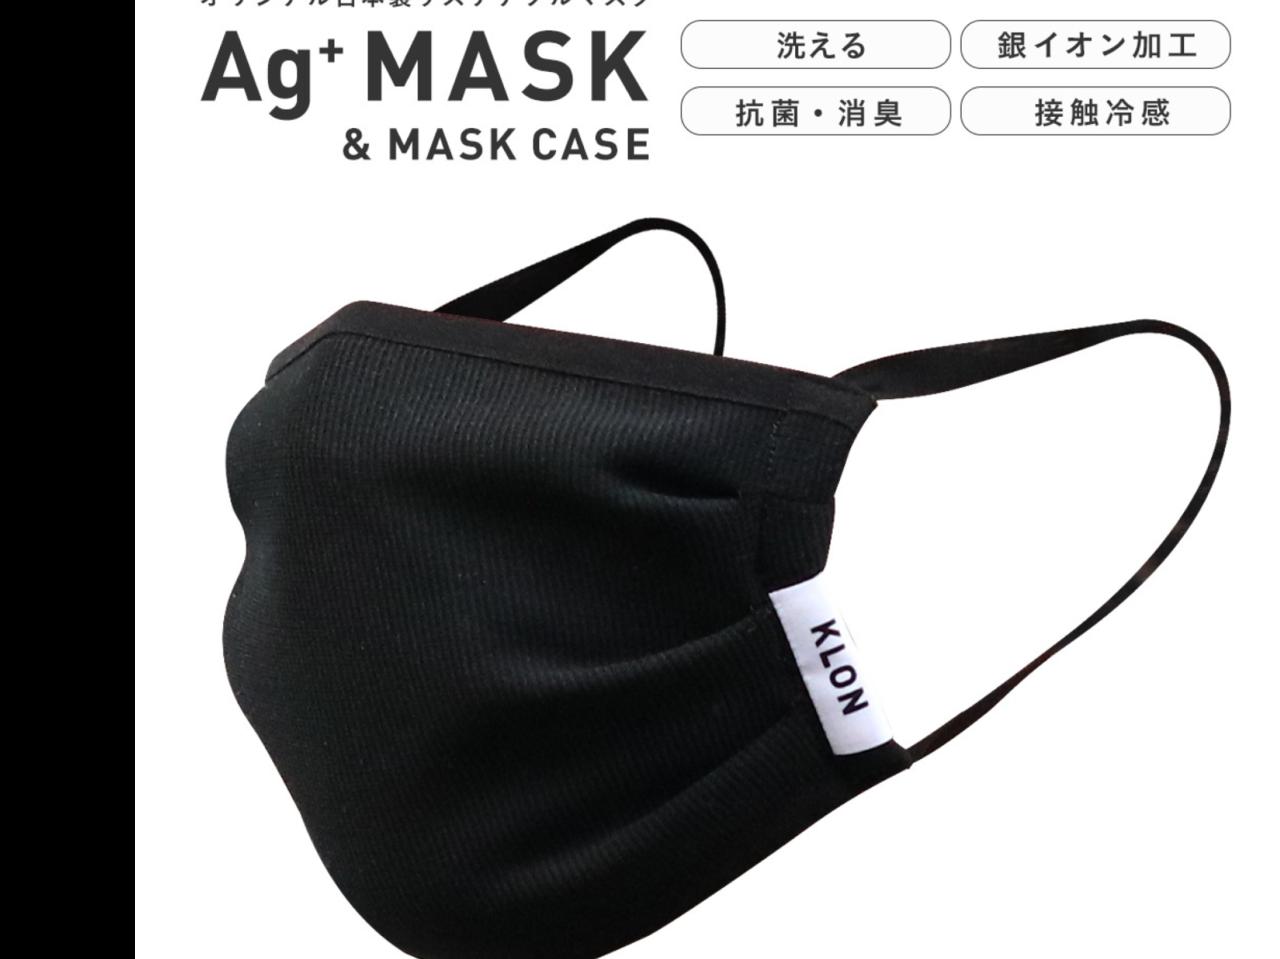 テクノロジーで解決。『高純度の銀イオン加工繊維を使用した超抗菌マスク』登場です。